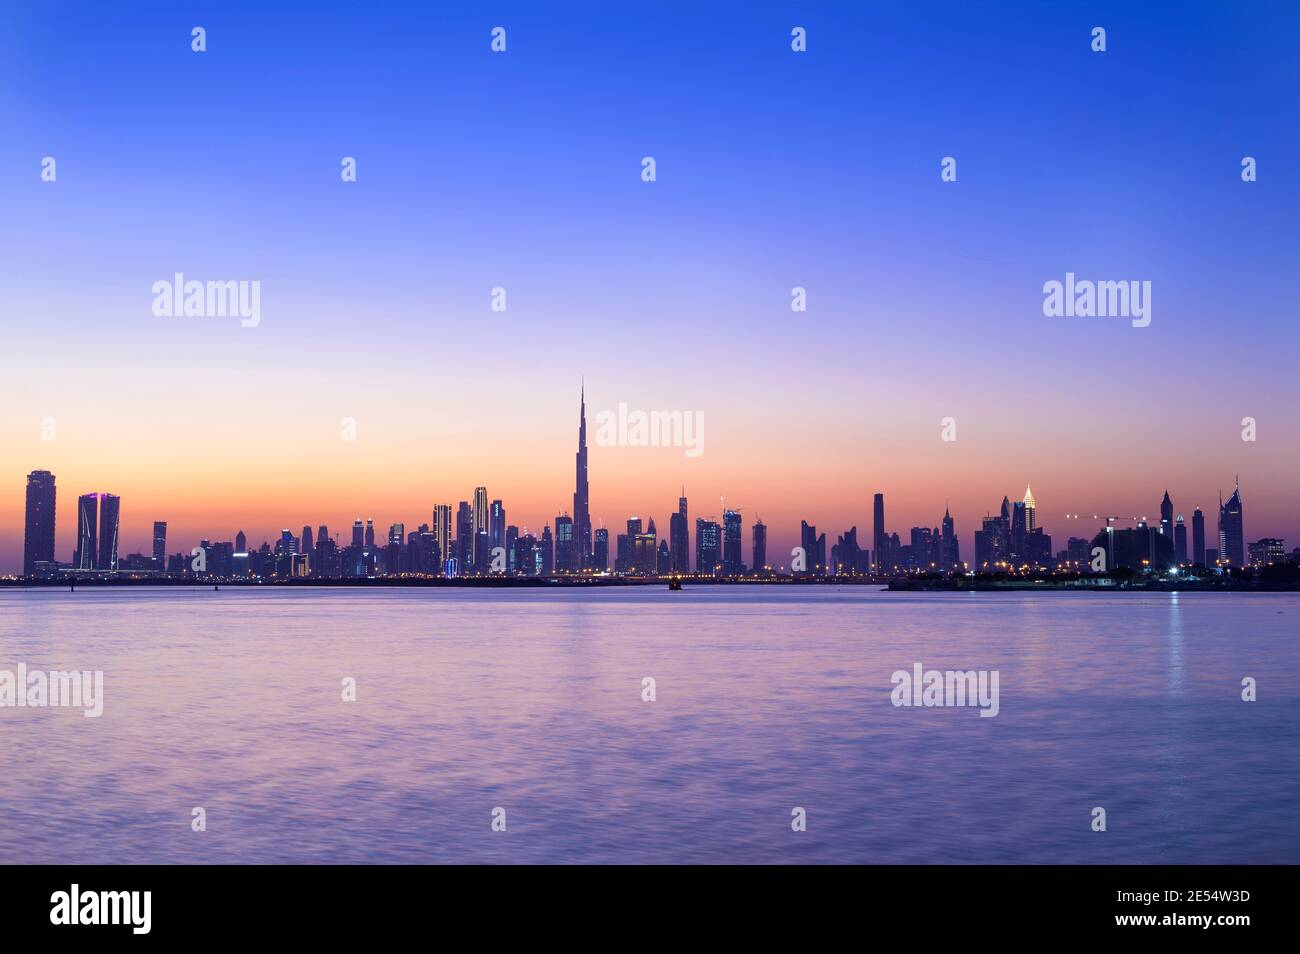 Vue panaromique de la ligne d'horizon de Dubaï avec Burj khalifa et d'autres gratte-ciel capturés au coucher du soleil avec le beau Ciel bleu à la crique de Dubaï Banque D'Images